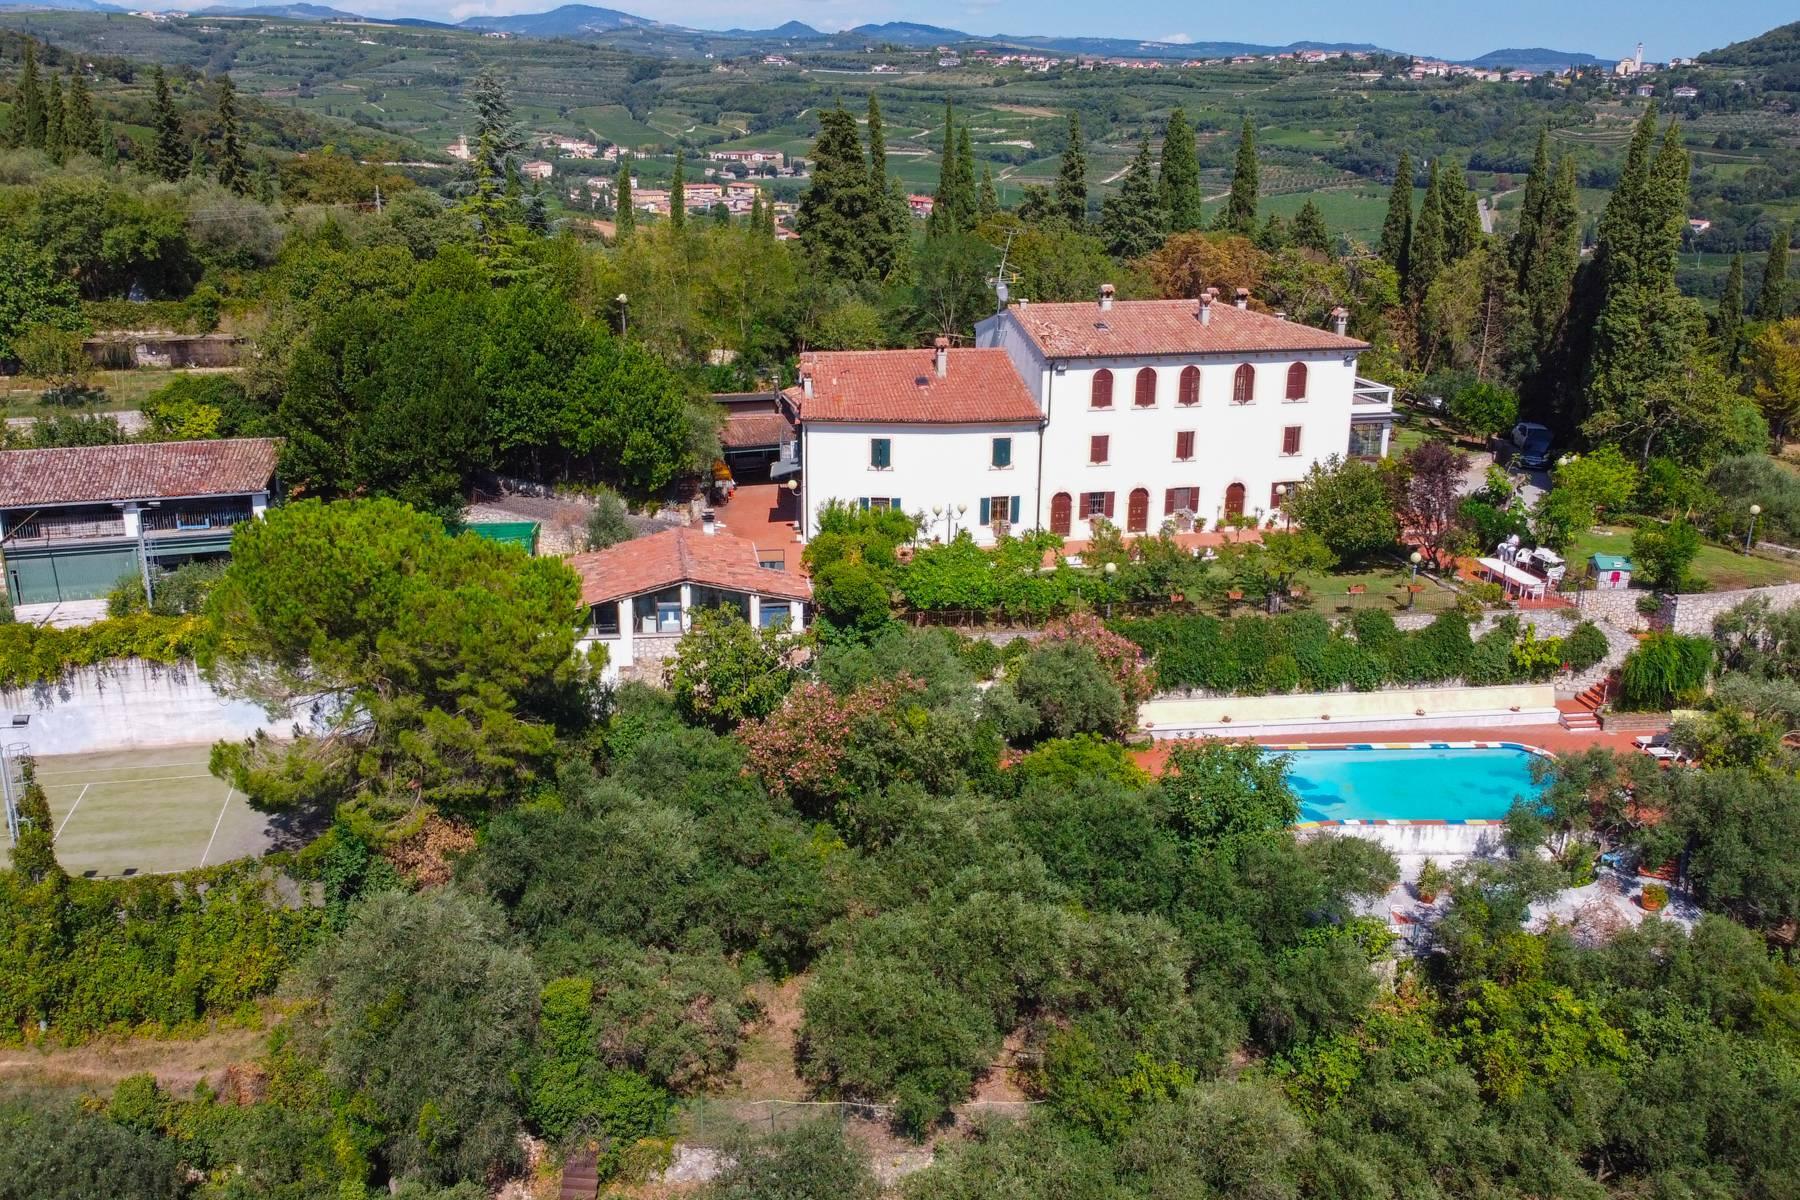 Storica villa di campagna con piscina e campo da tennis con tenuta nelle colline veronesi - 26